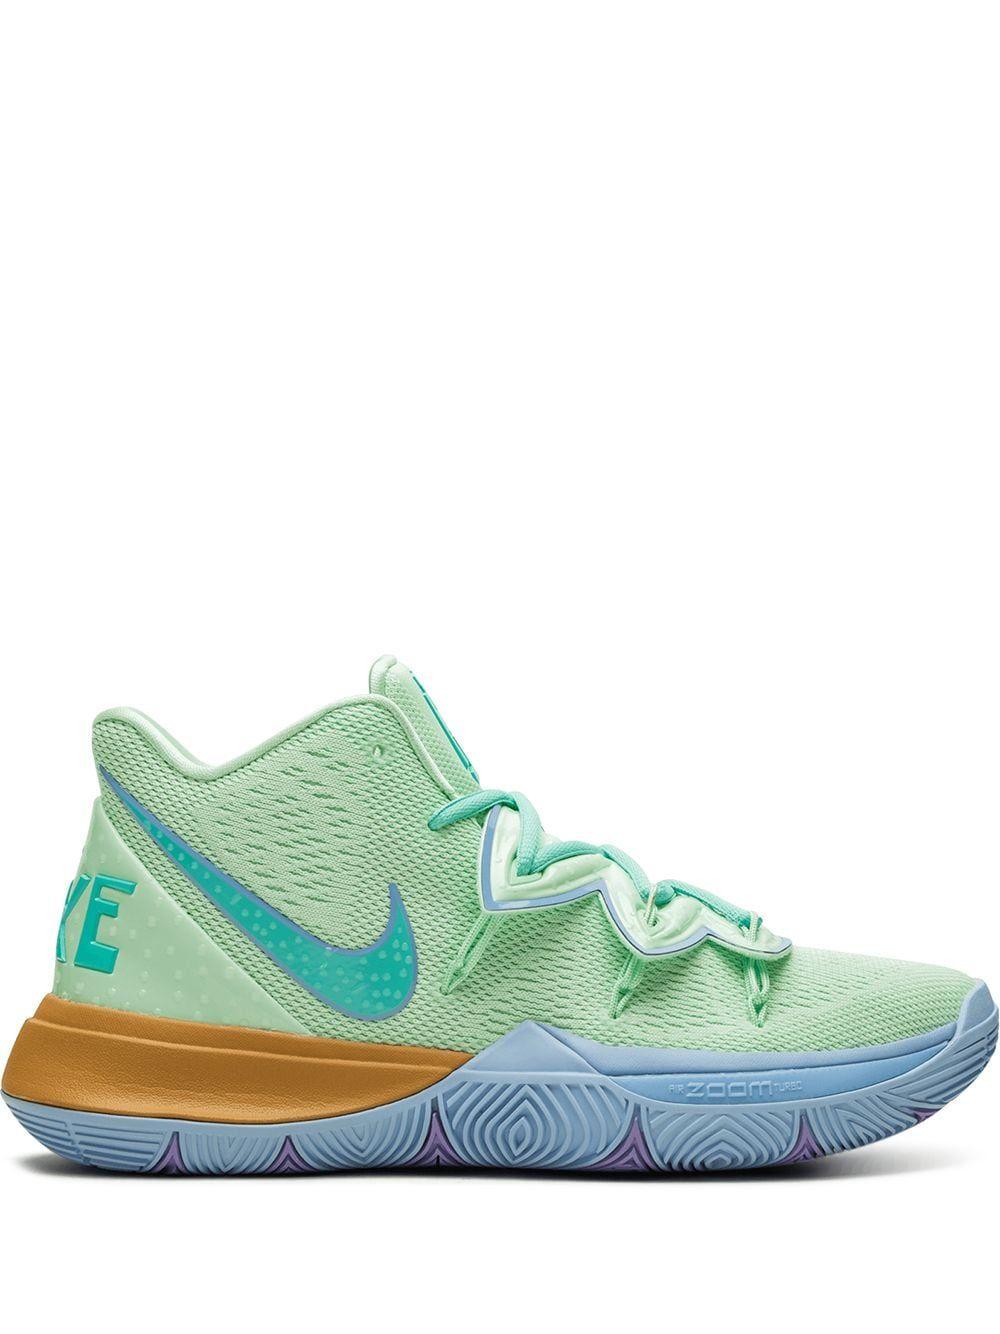 Nike Kyrie 5 Sneakers - Farfetch in